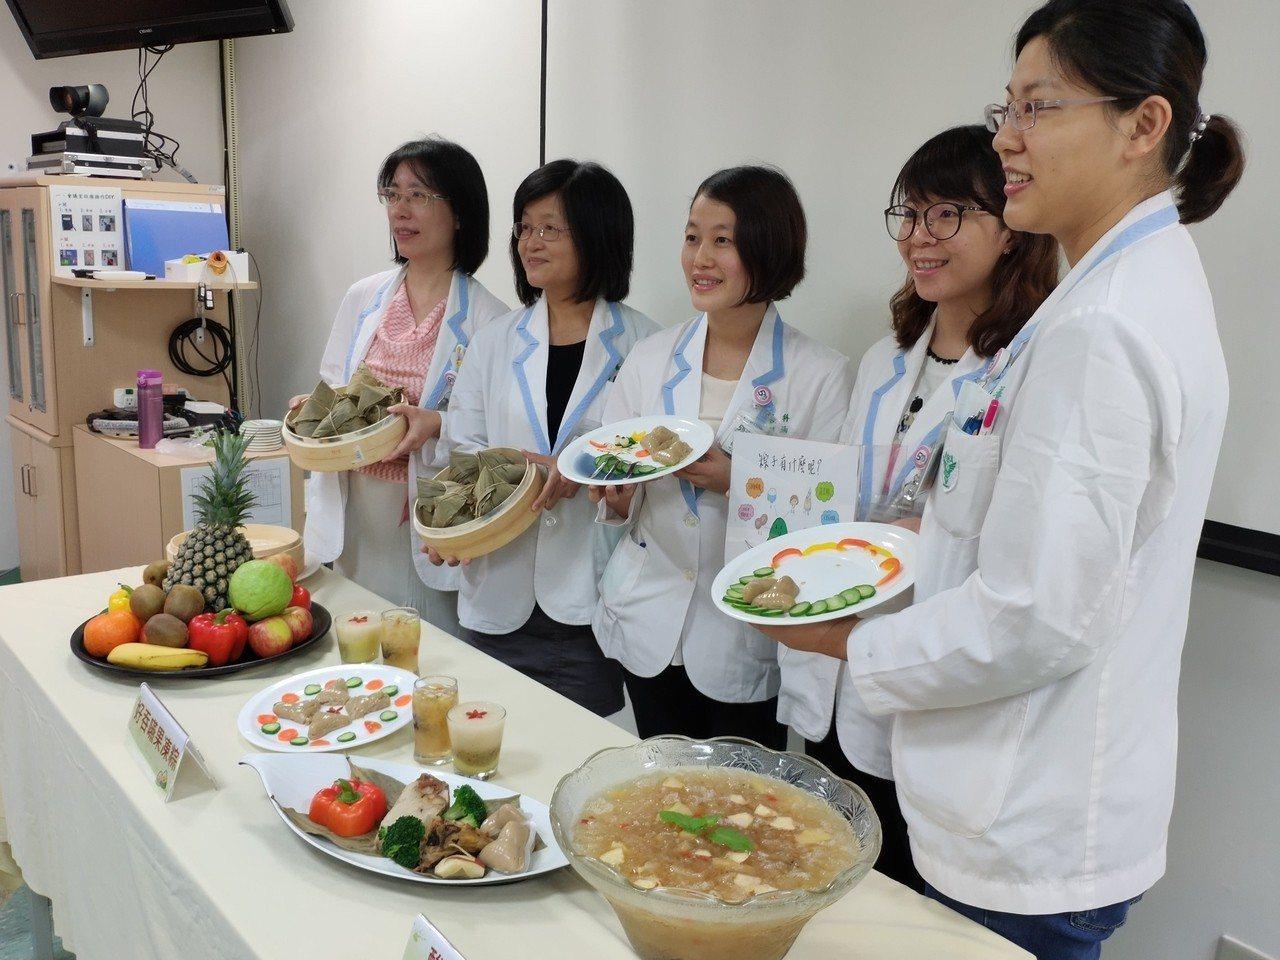 端午節將屆, 柳營奇美醫院營養科推出好吞嚥的果凍粽。記者謝進盛/攝影